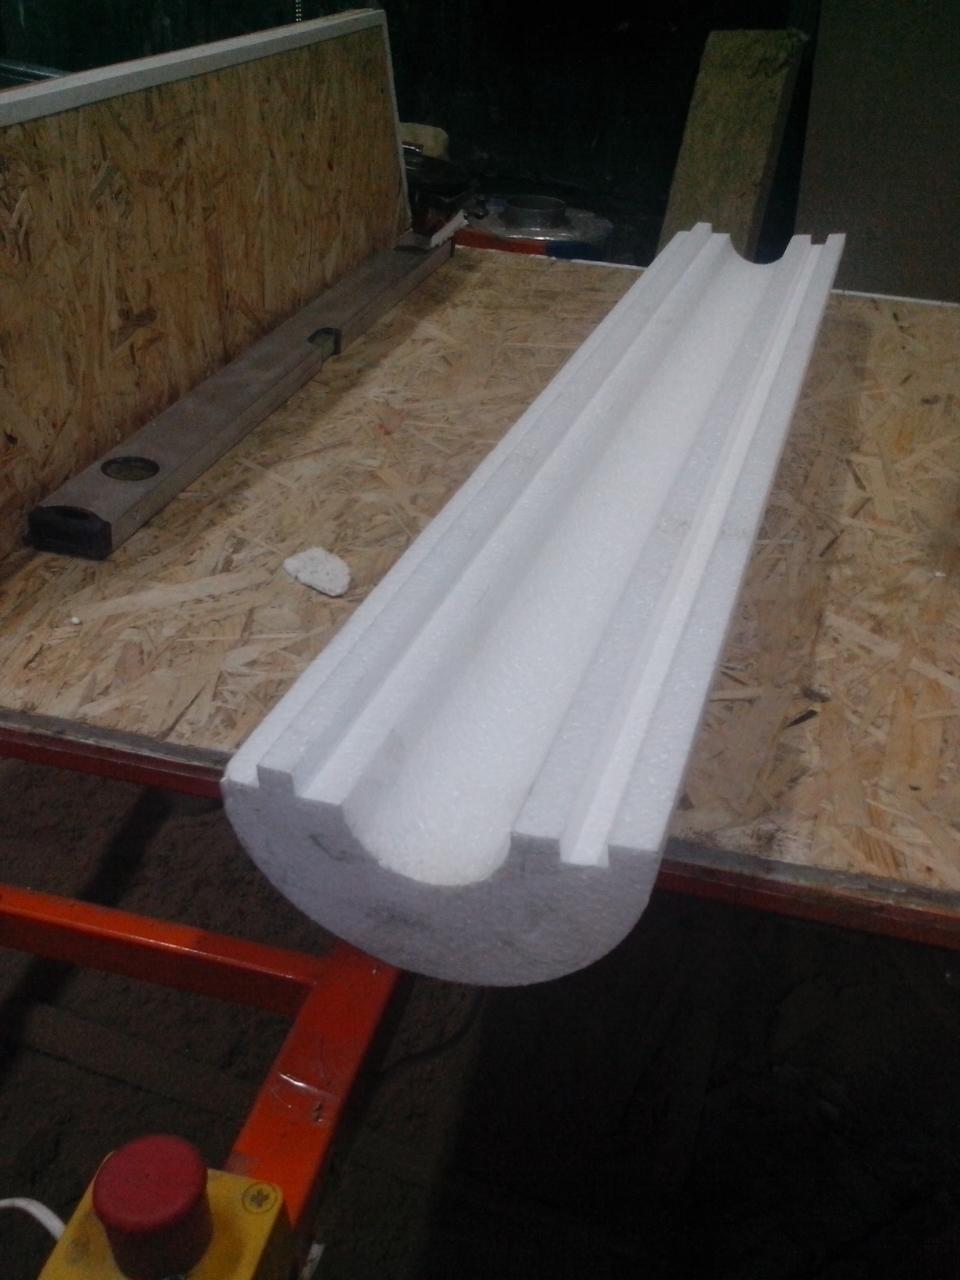 Утеплитель из пенопласта (пенополистирола) для труб Ø 127 мм толщиной 30 мм